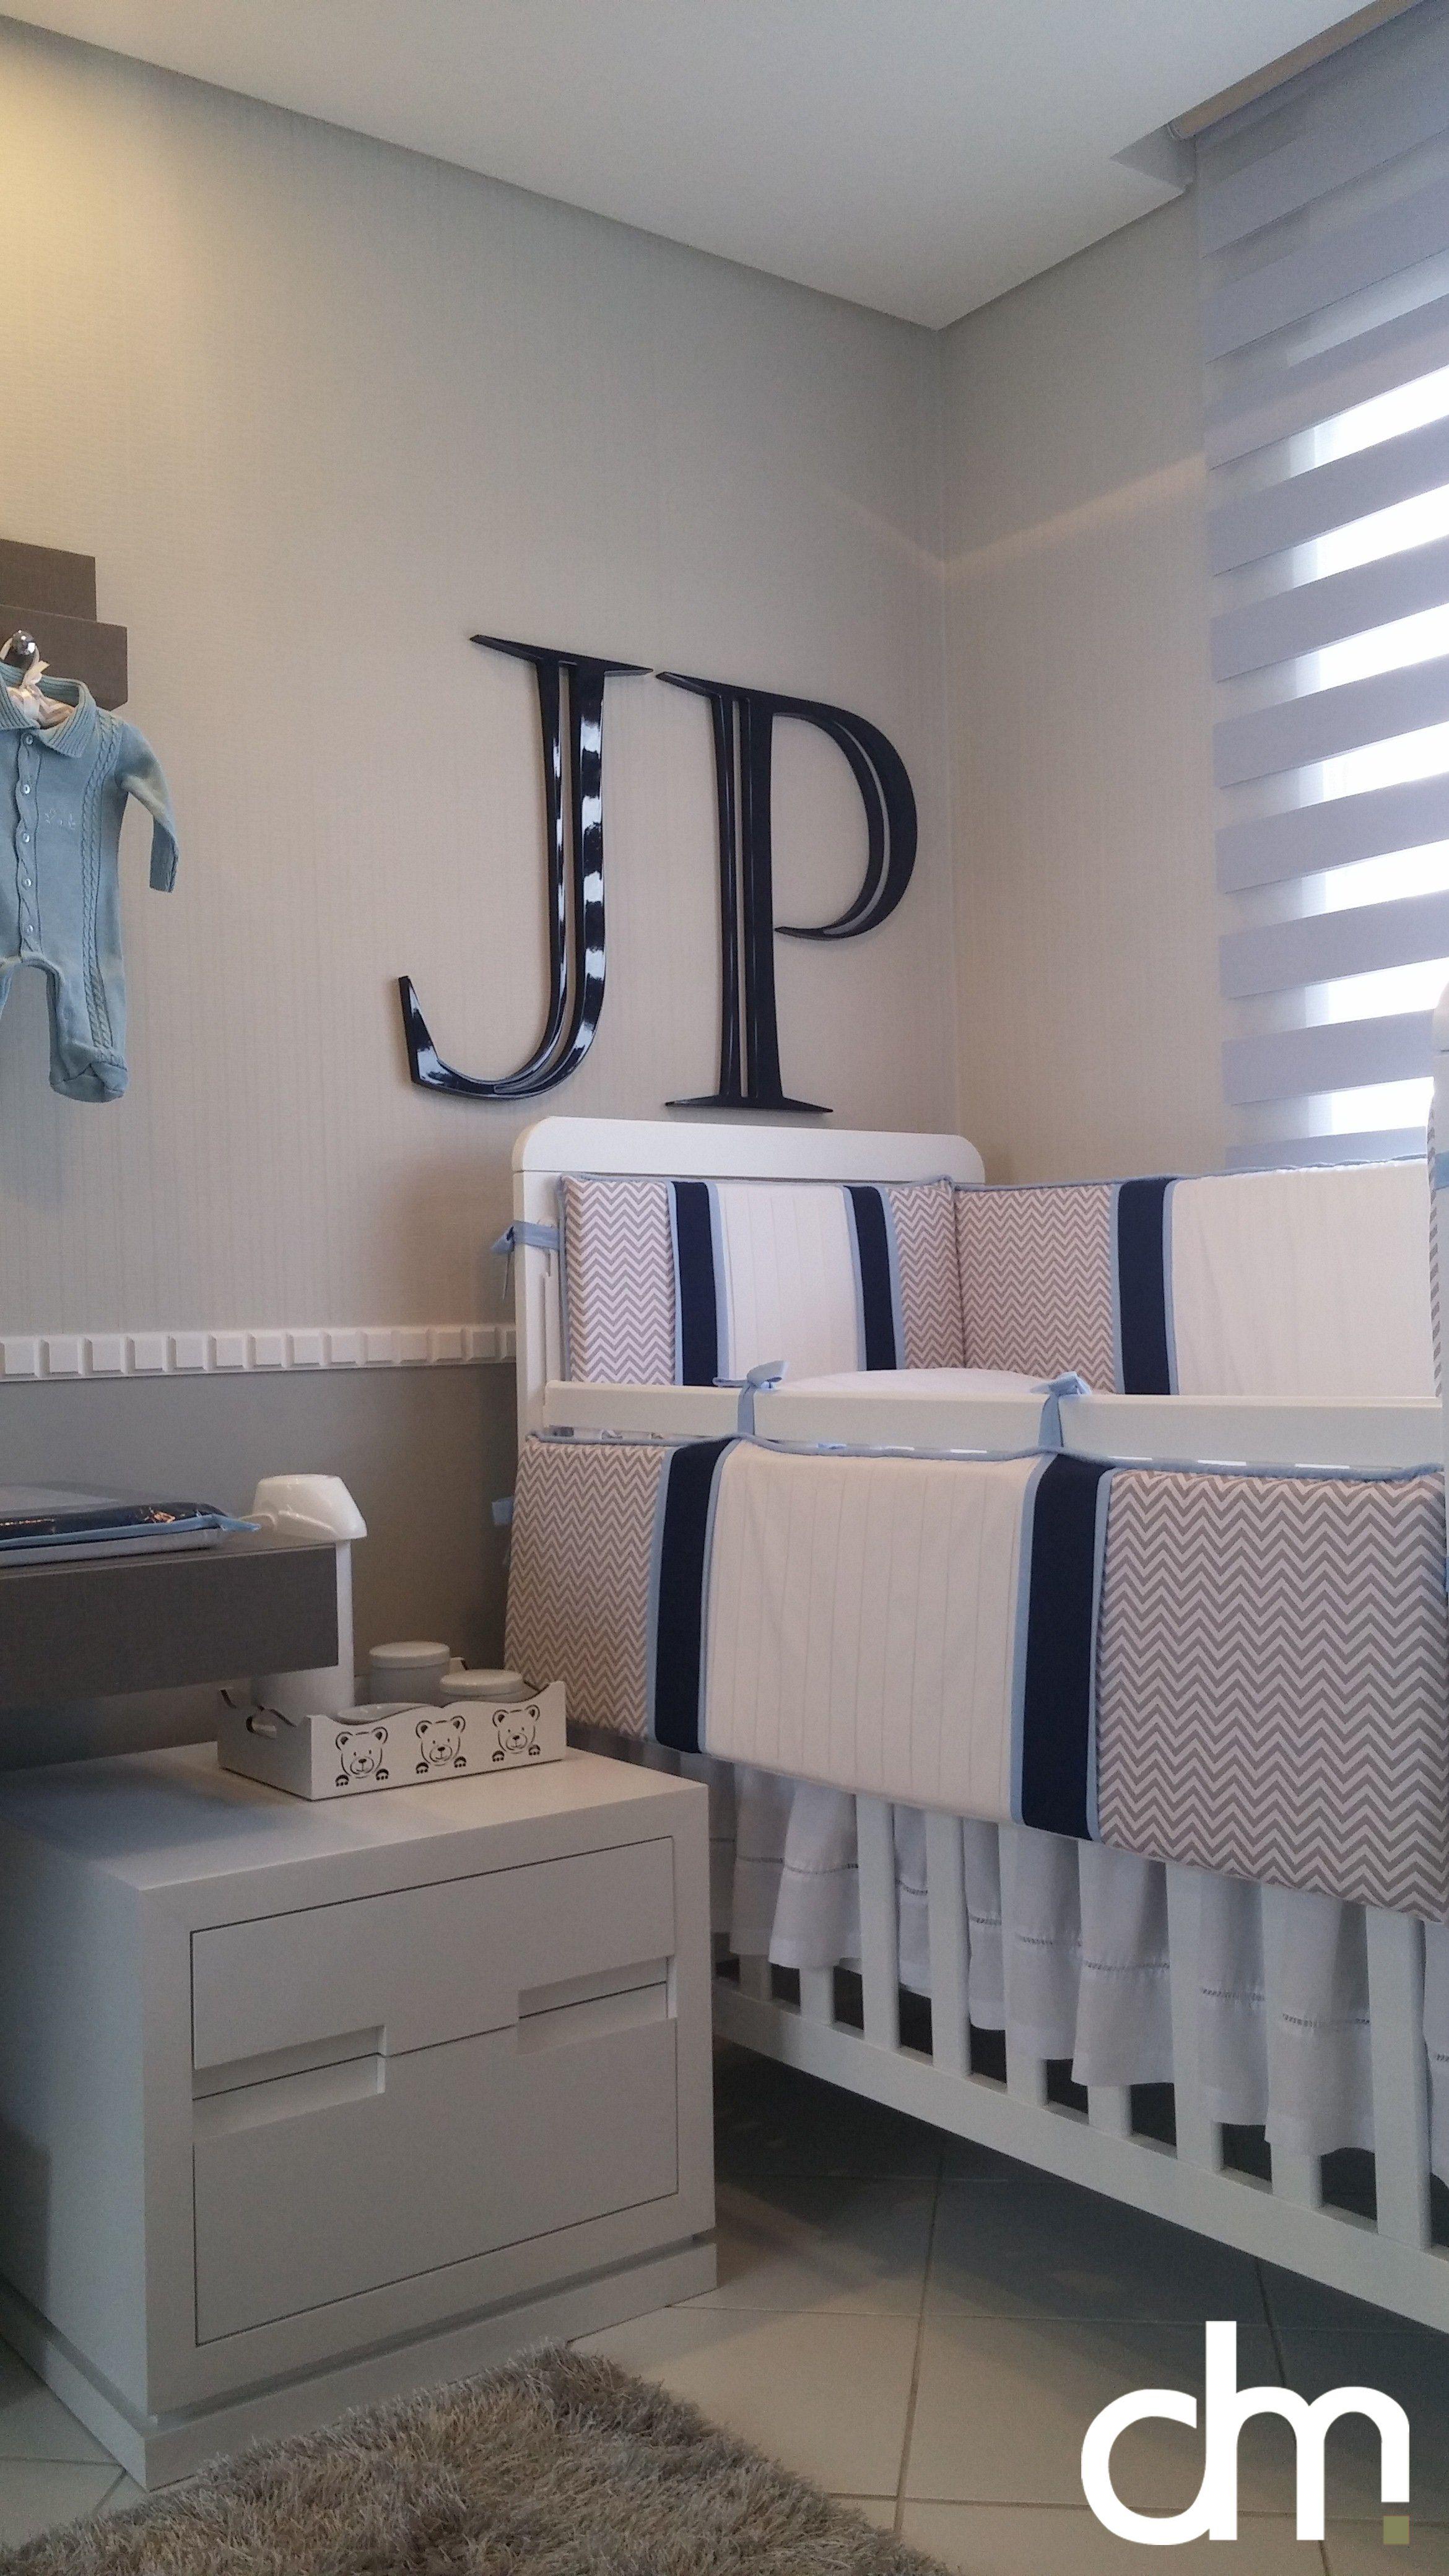 Decora O De Quarto De Beb Em Tons De Azul Fendi E Branco  ~ Quarto Azul Marinho E Branco E Montar O Quarto Do Bebe